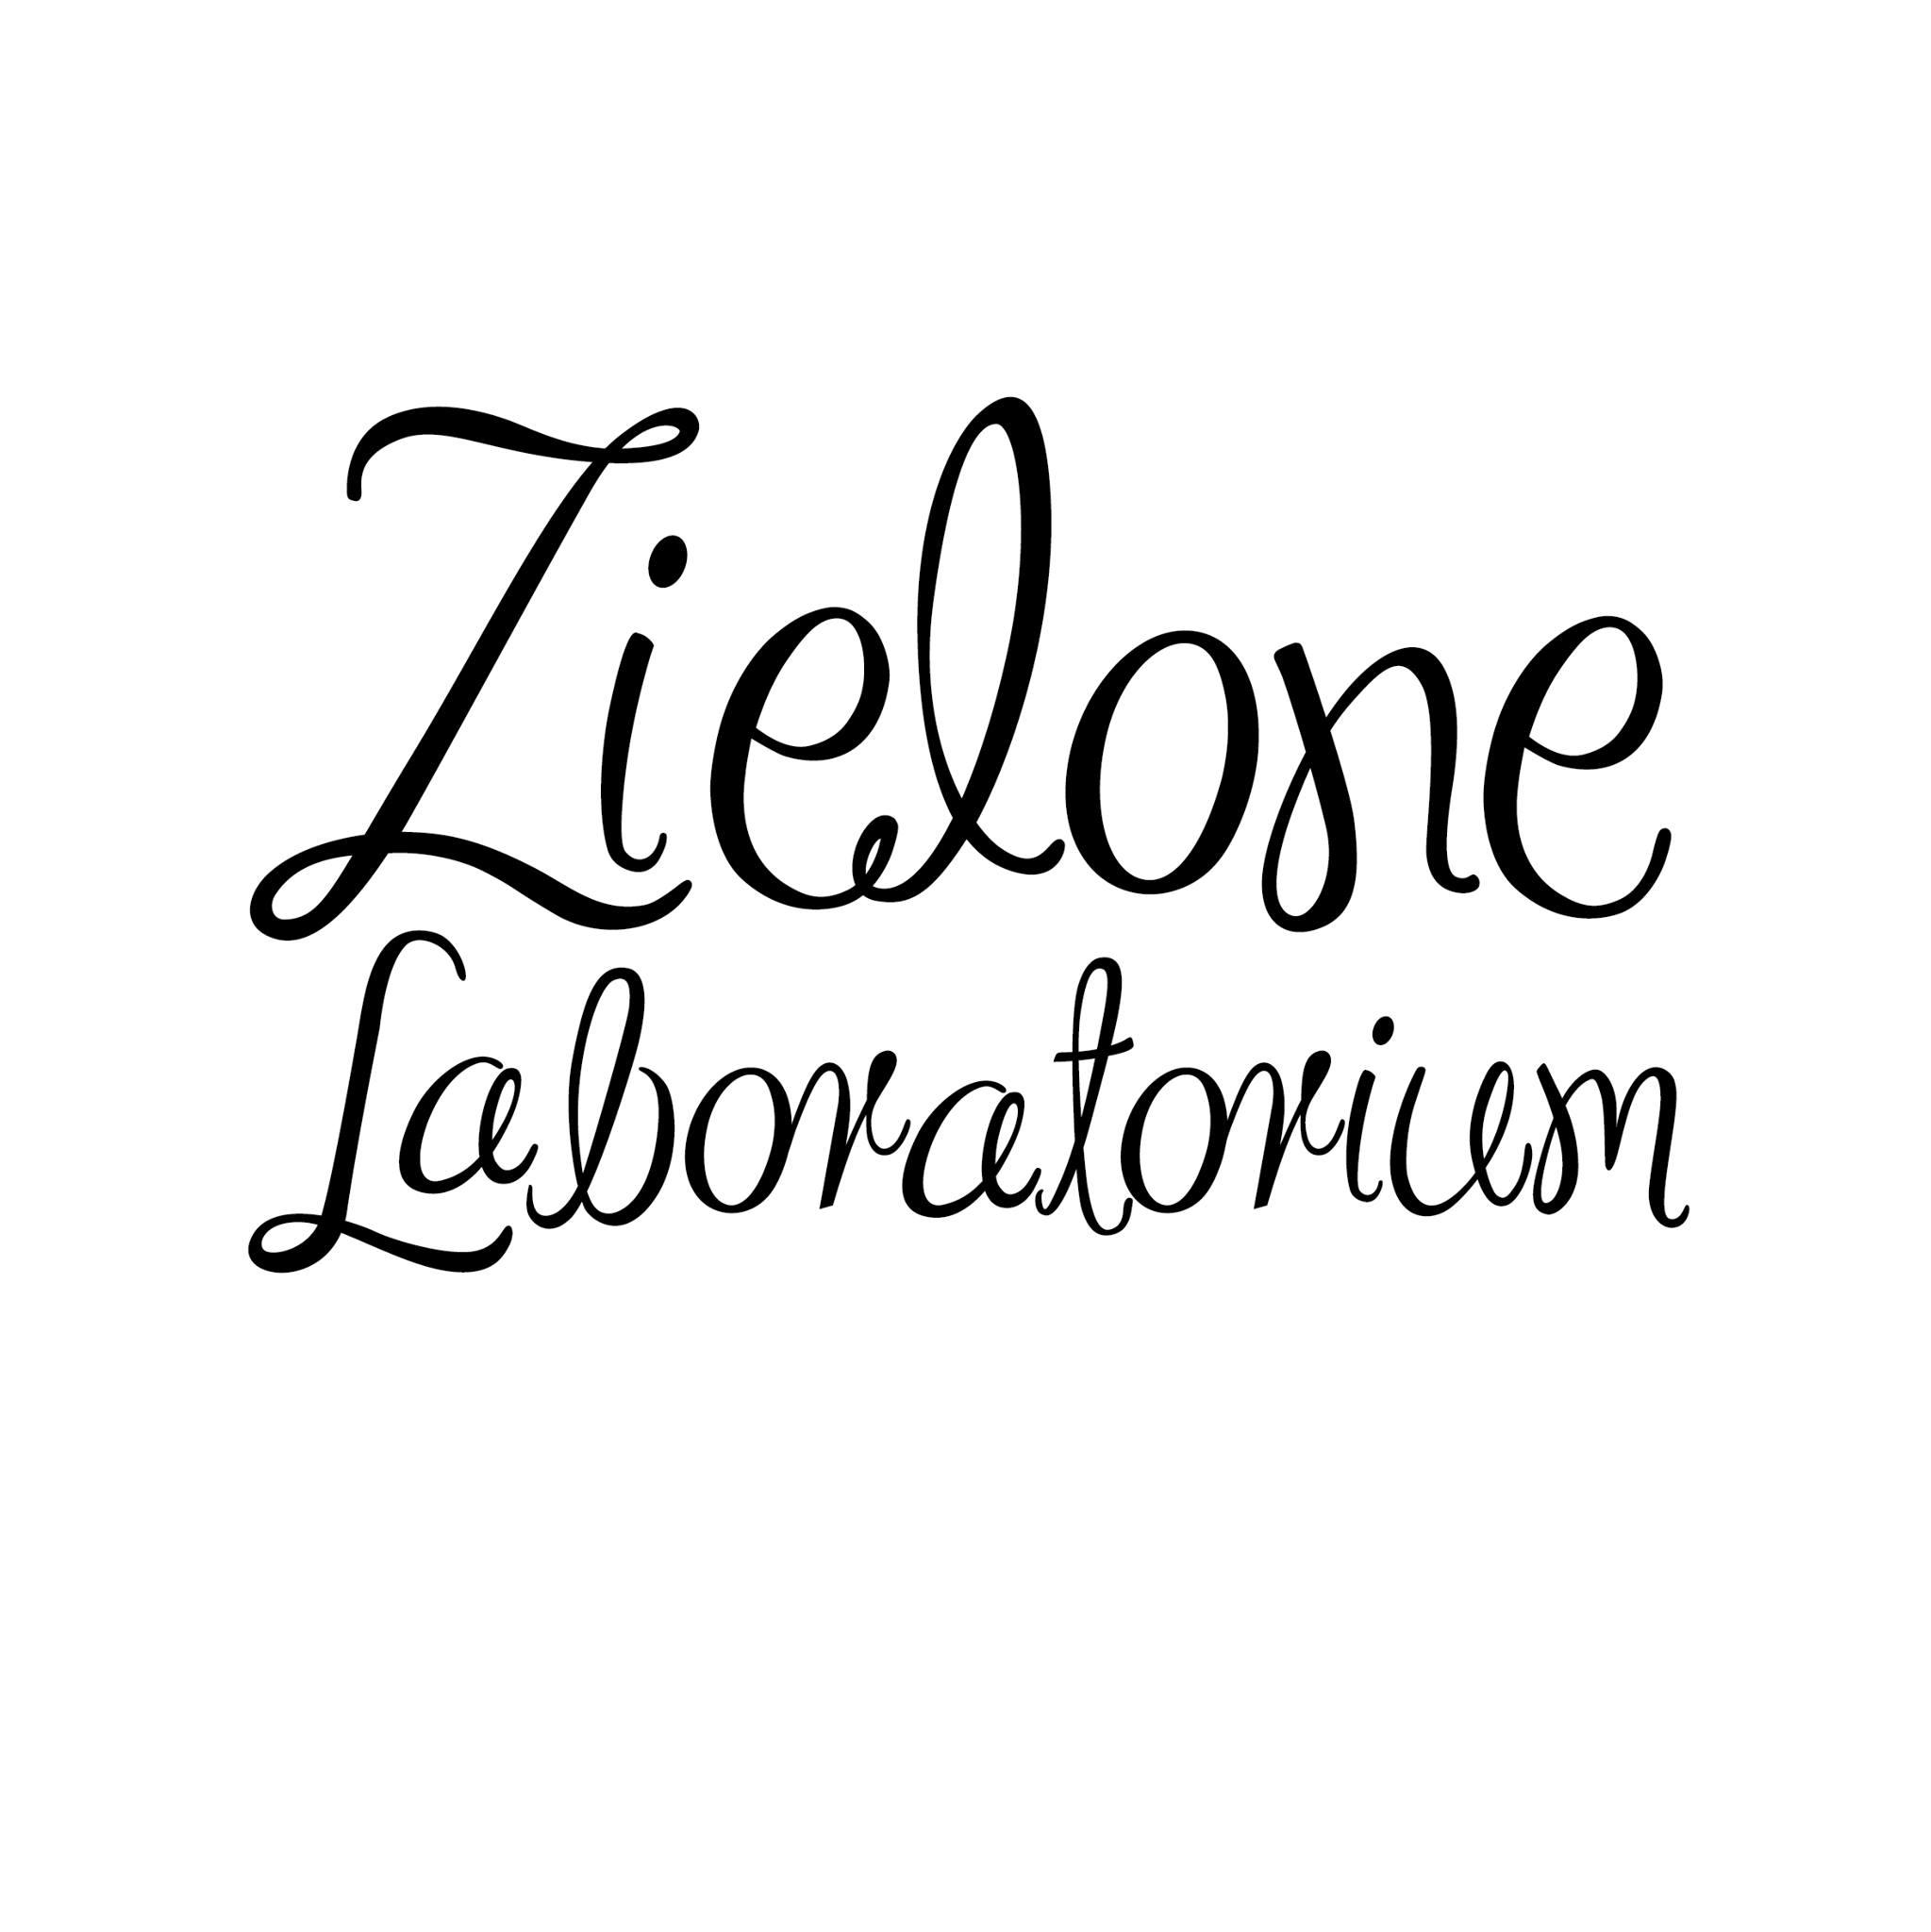 Znalezione obrazy dla zapytania zielone laboratorium logo